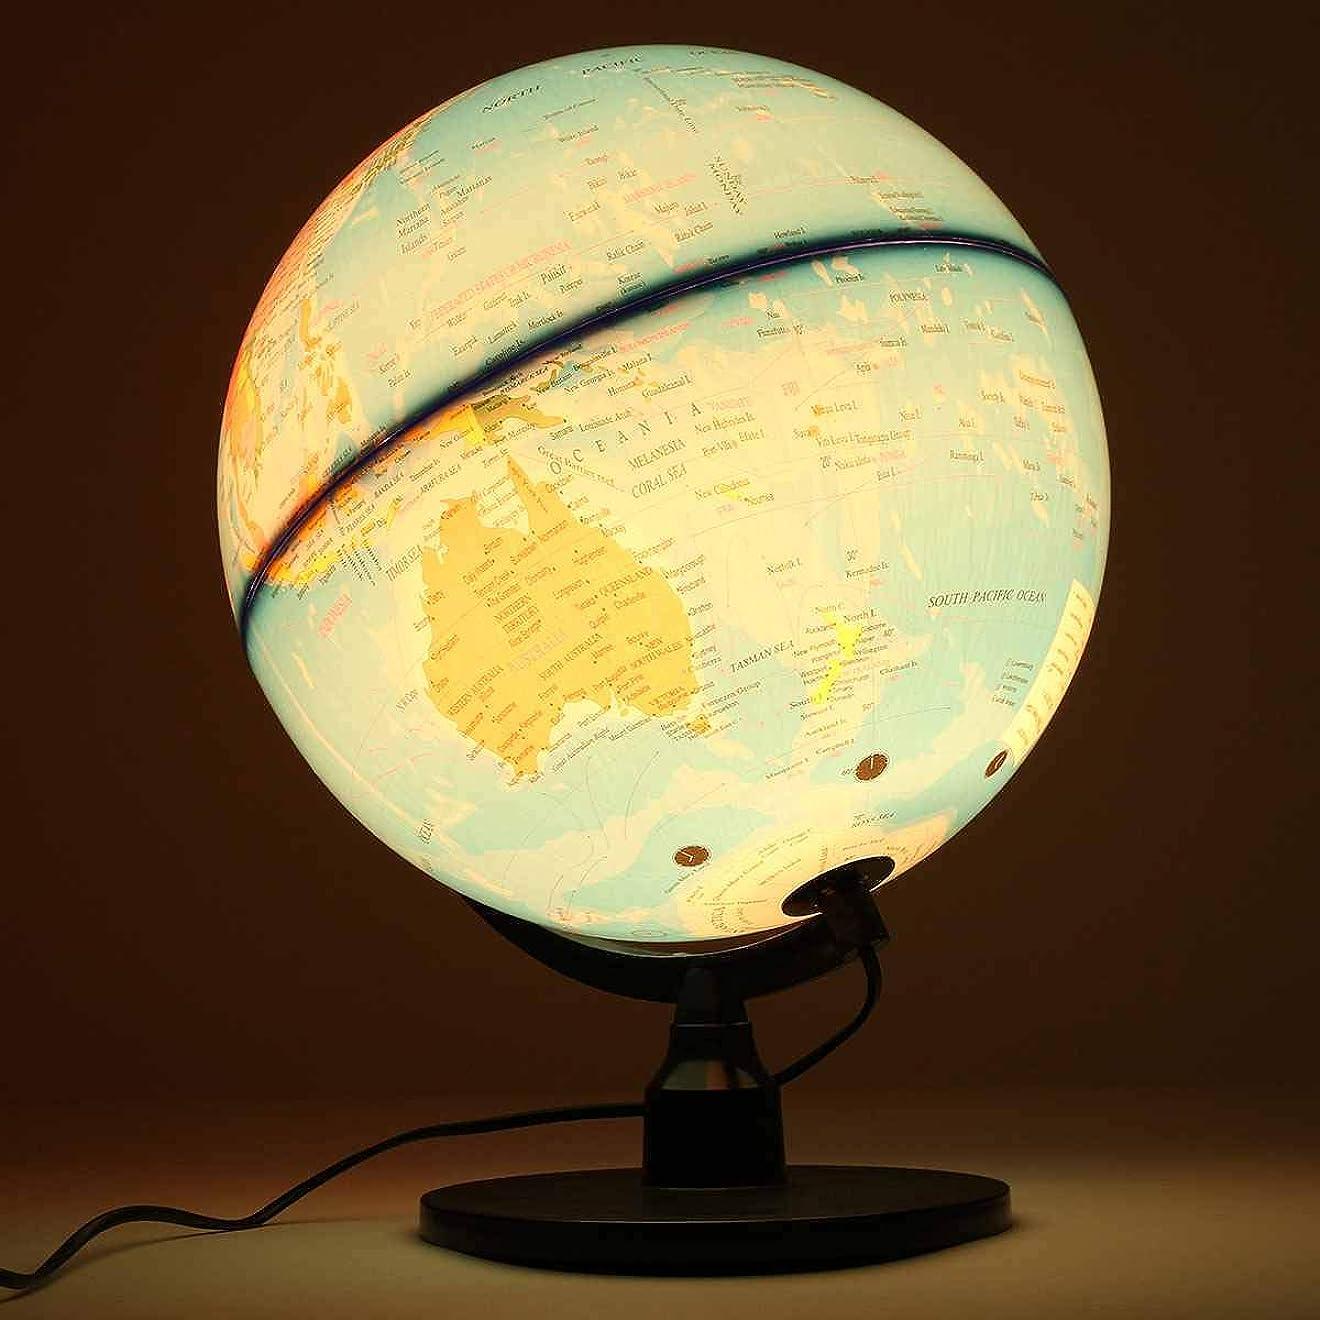 ネイティブ編集するラフ32CM World Earth Globe Map Geography Educational Toy With Stand Home Office Ideal Miniatures Decor Gift Office School Supplies